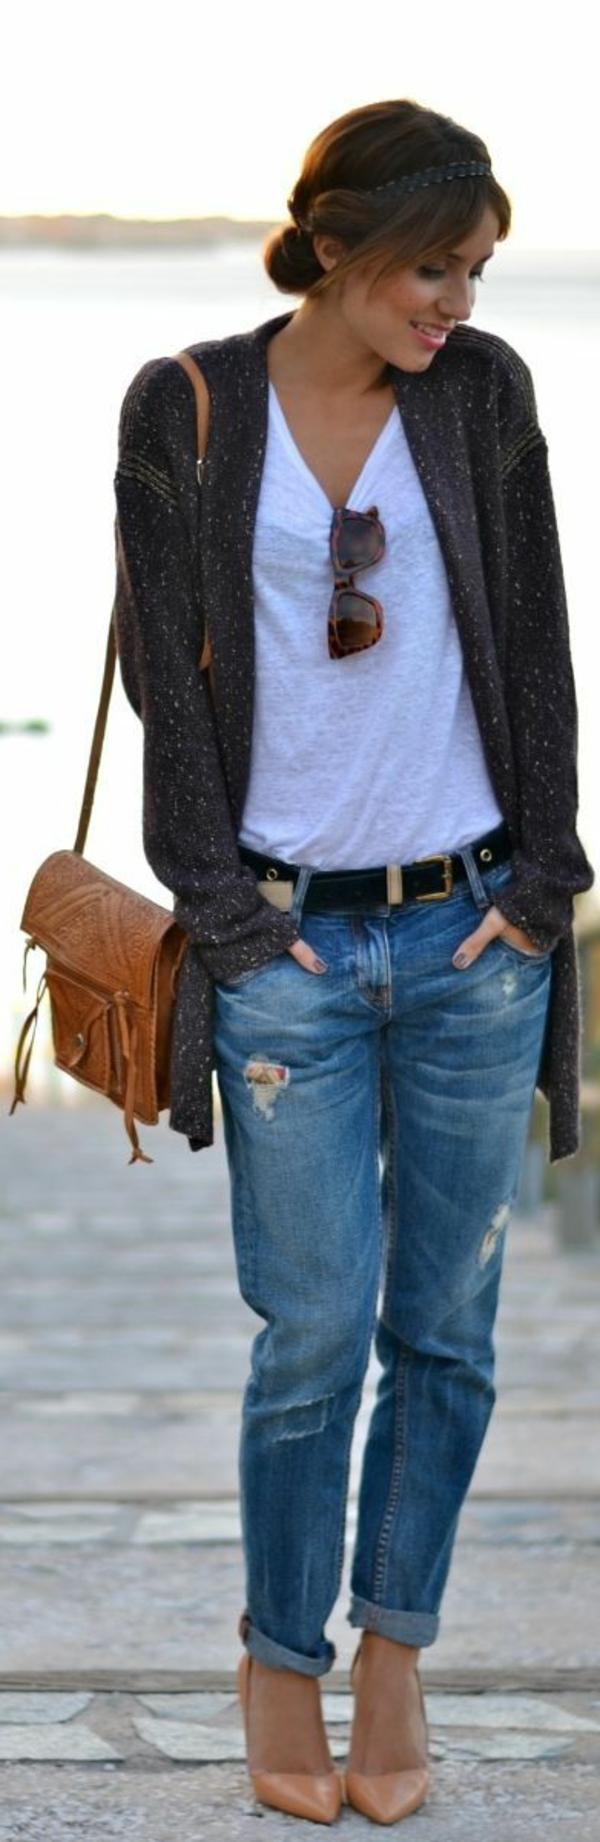 veste-blouse-boyfriend-jean-confortable